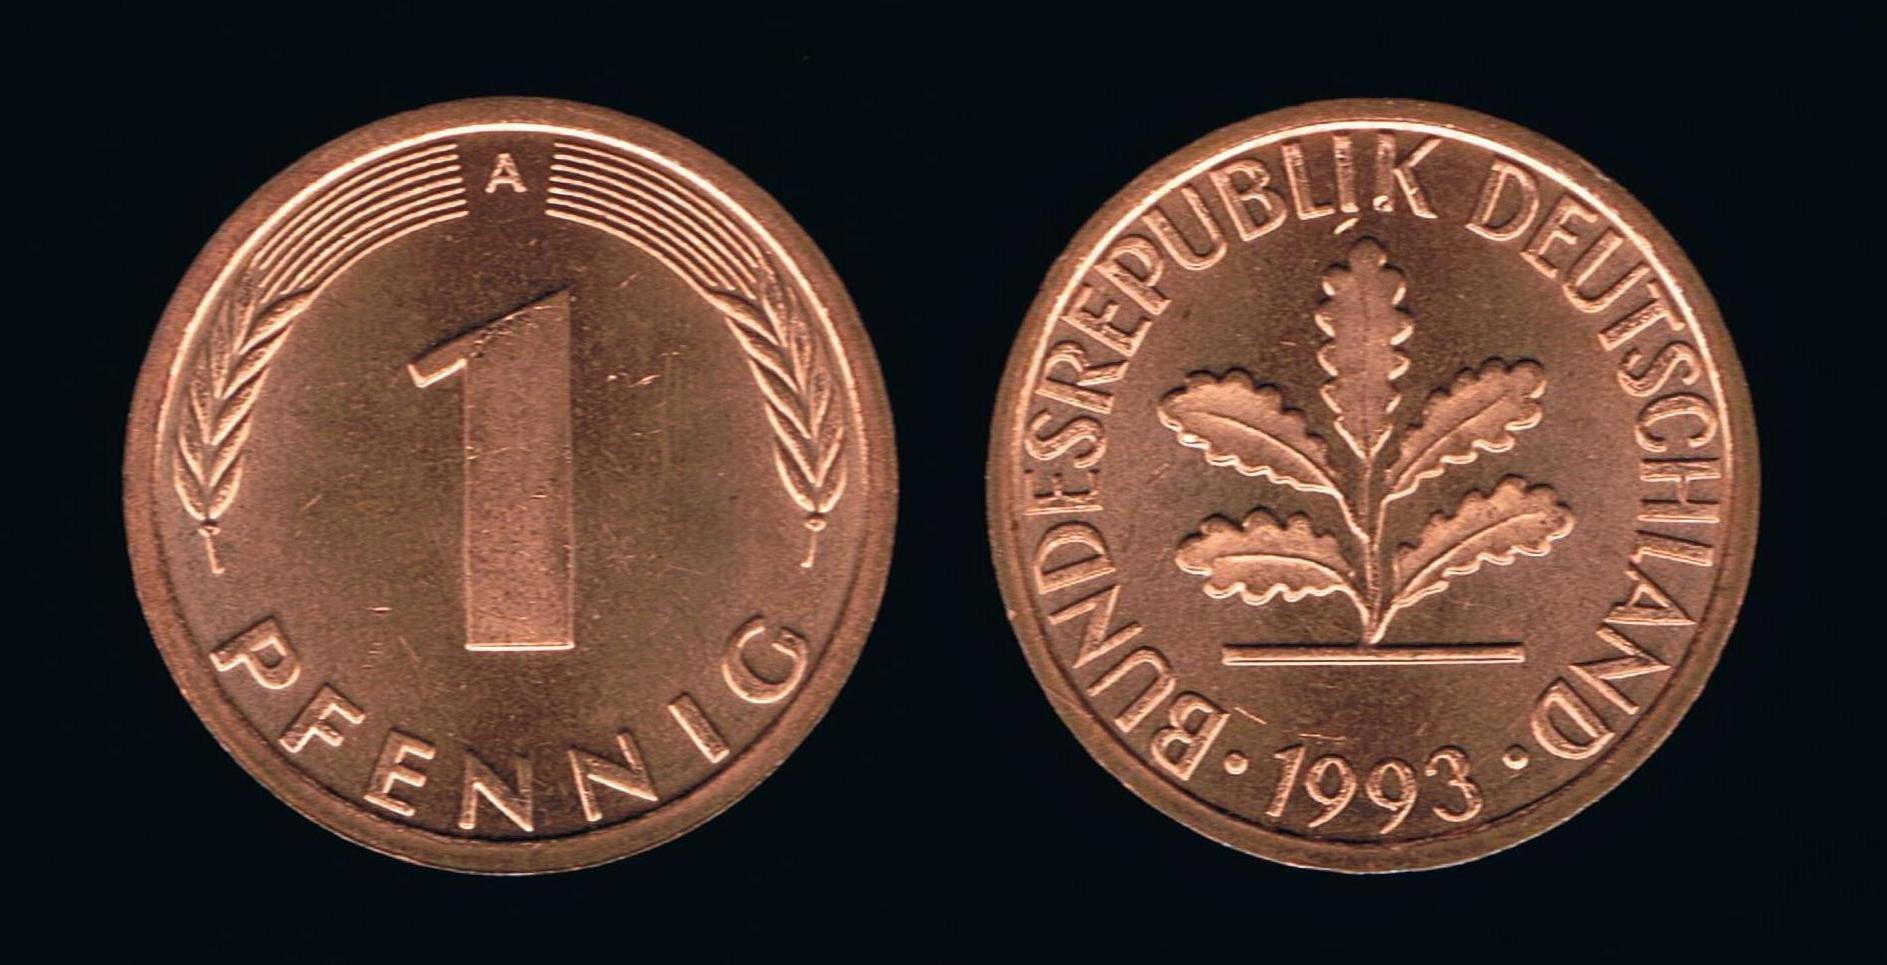 В Германии мужчина оставил детям в наследство 2,5 тонны монет